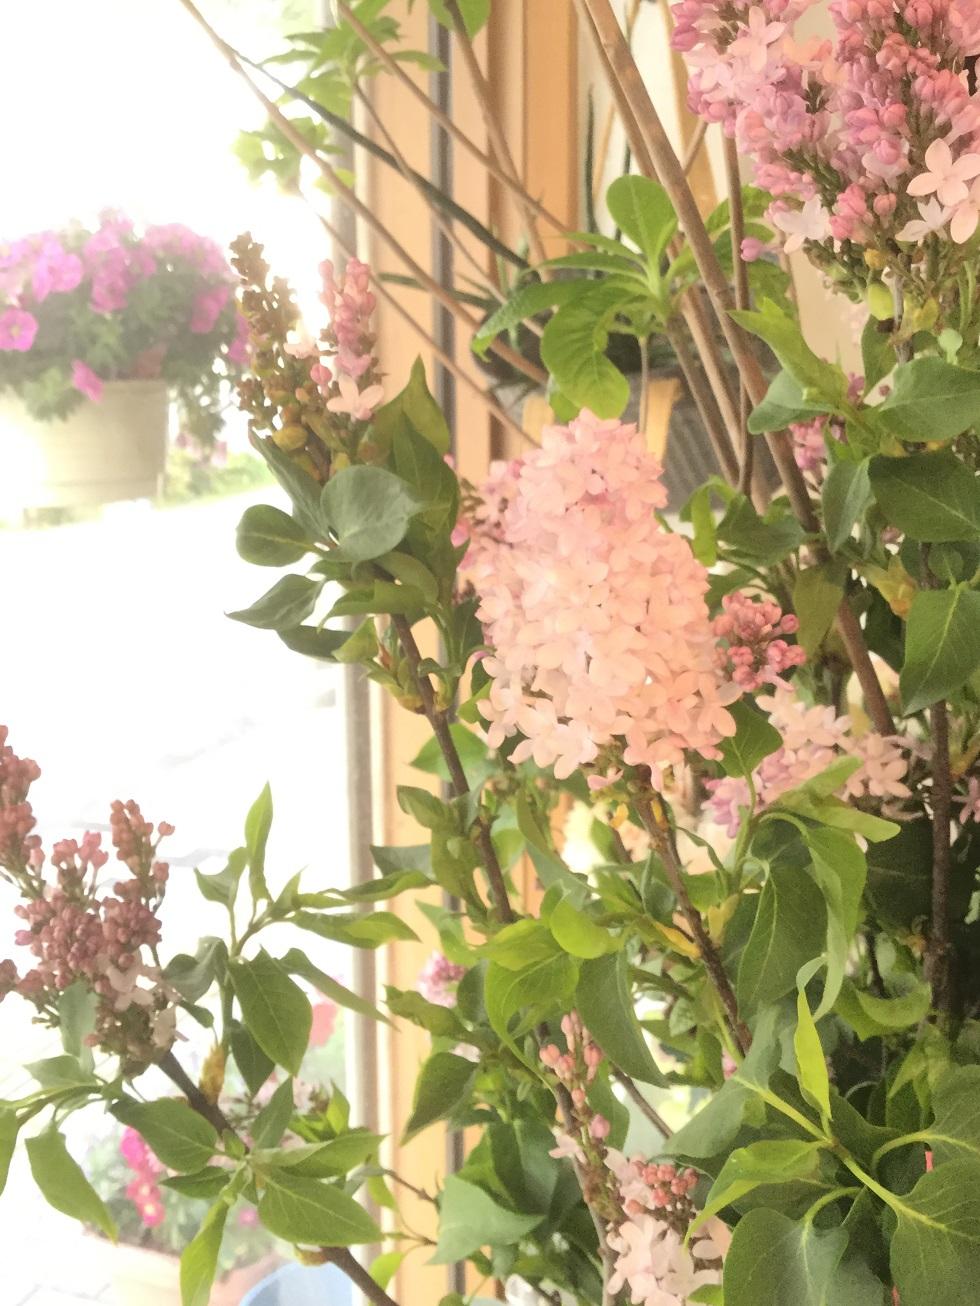 香りに癒される天然アロマ【ライラック】は今が旬!